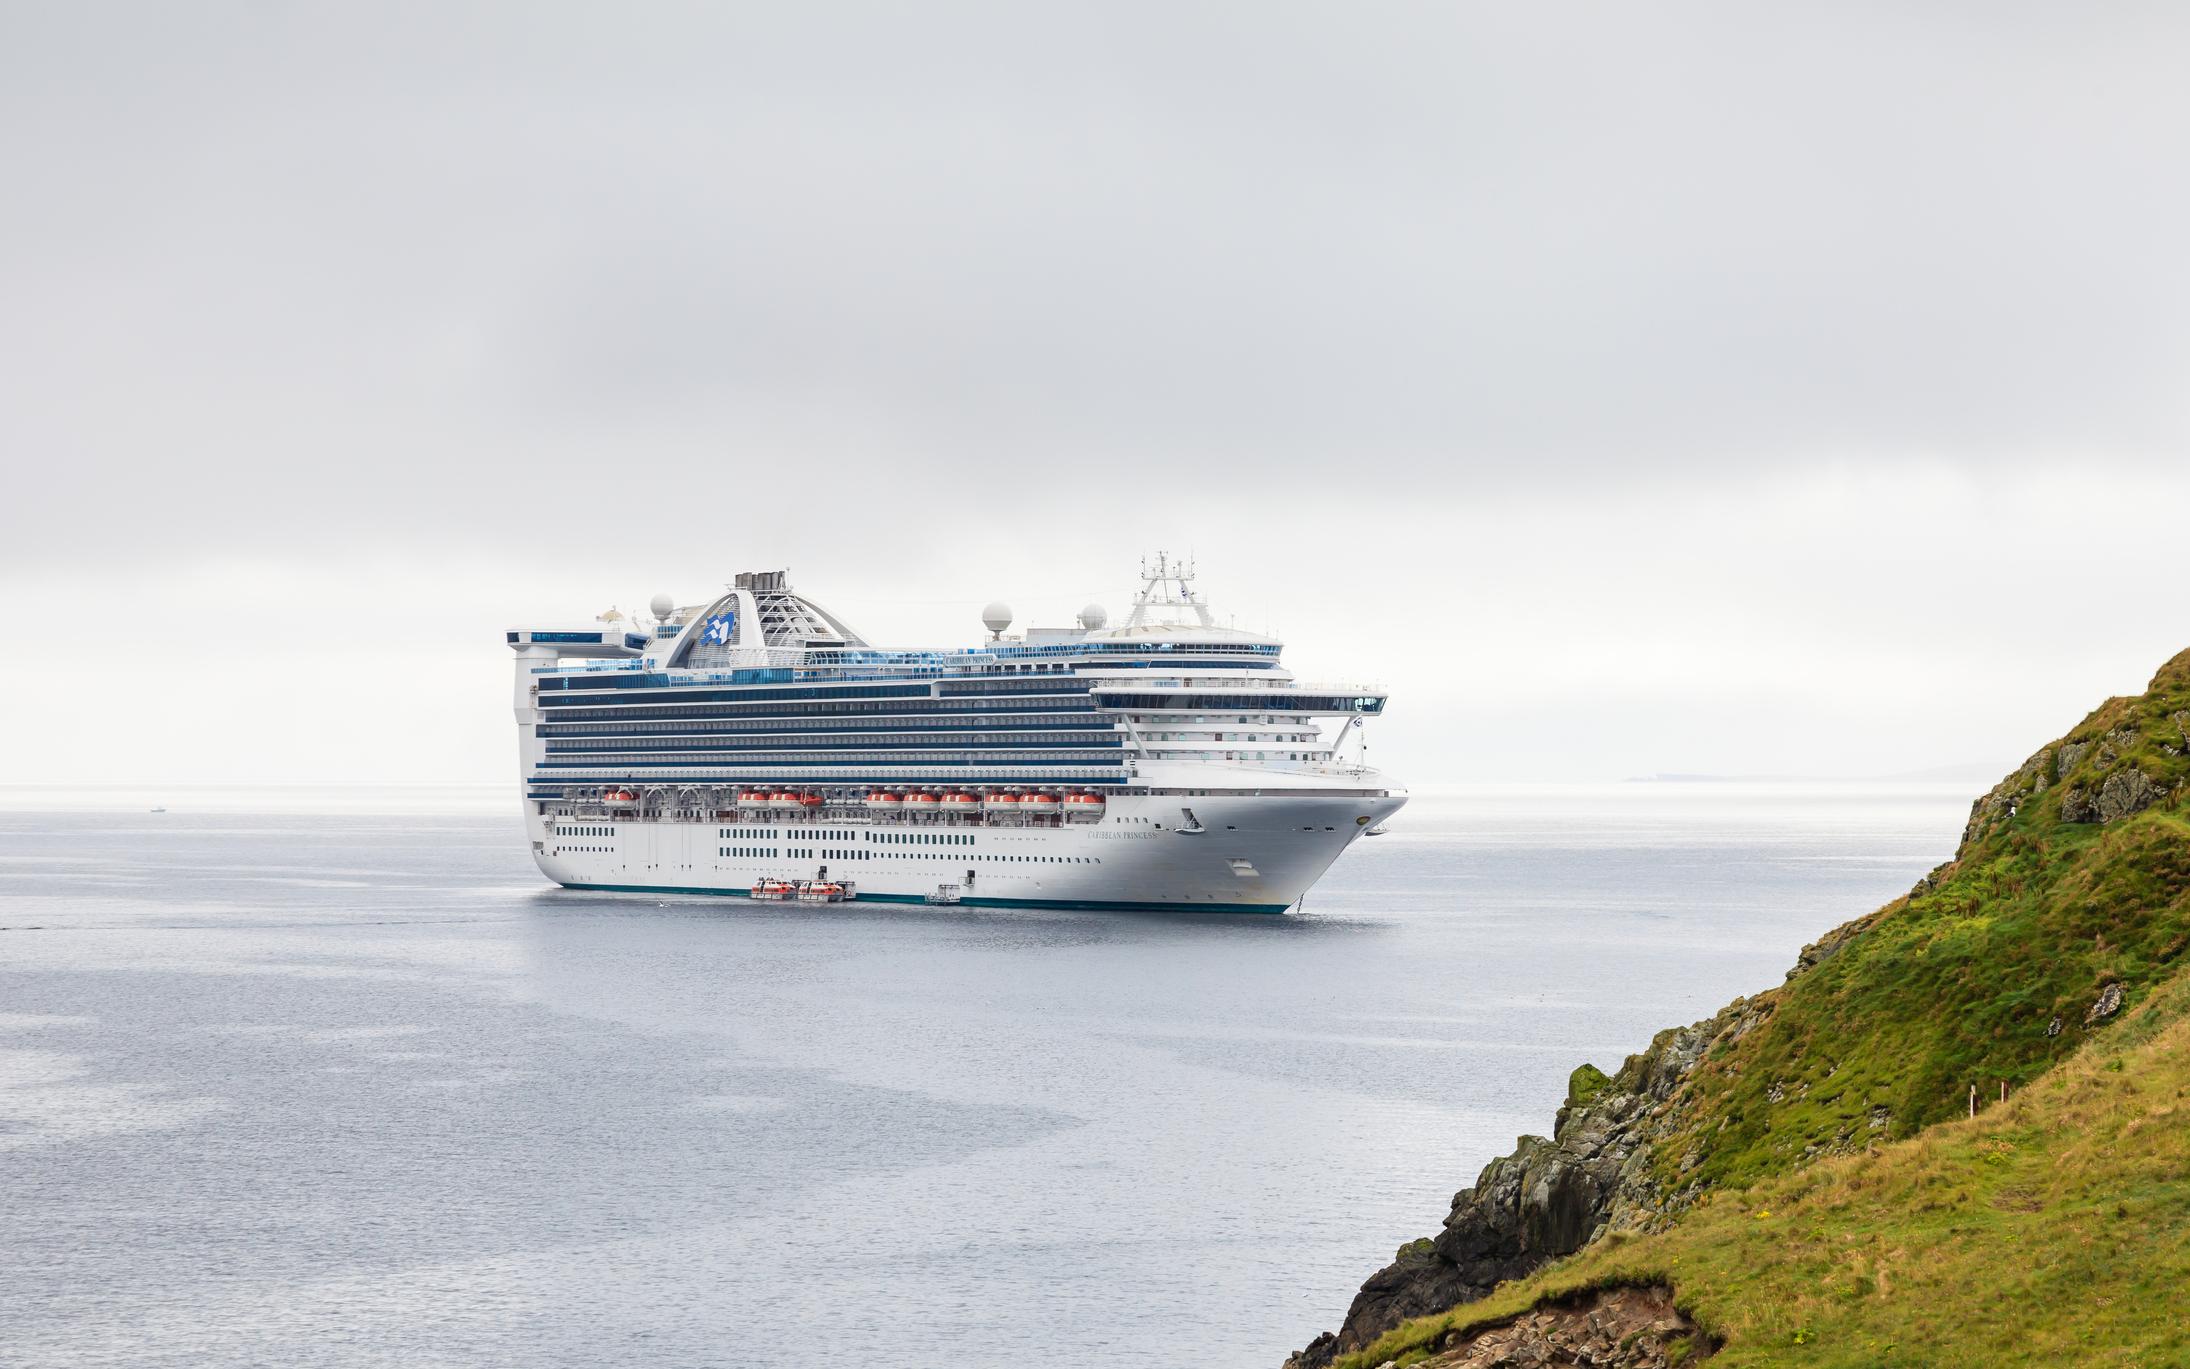 Scotland: A Unique Cruise Destination